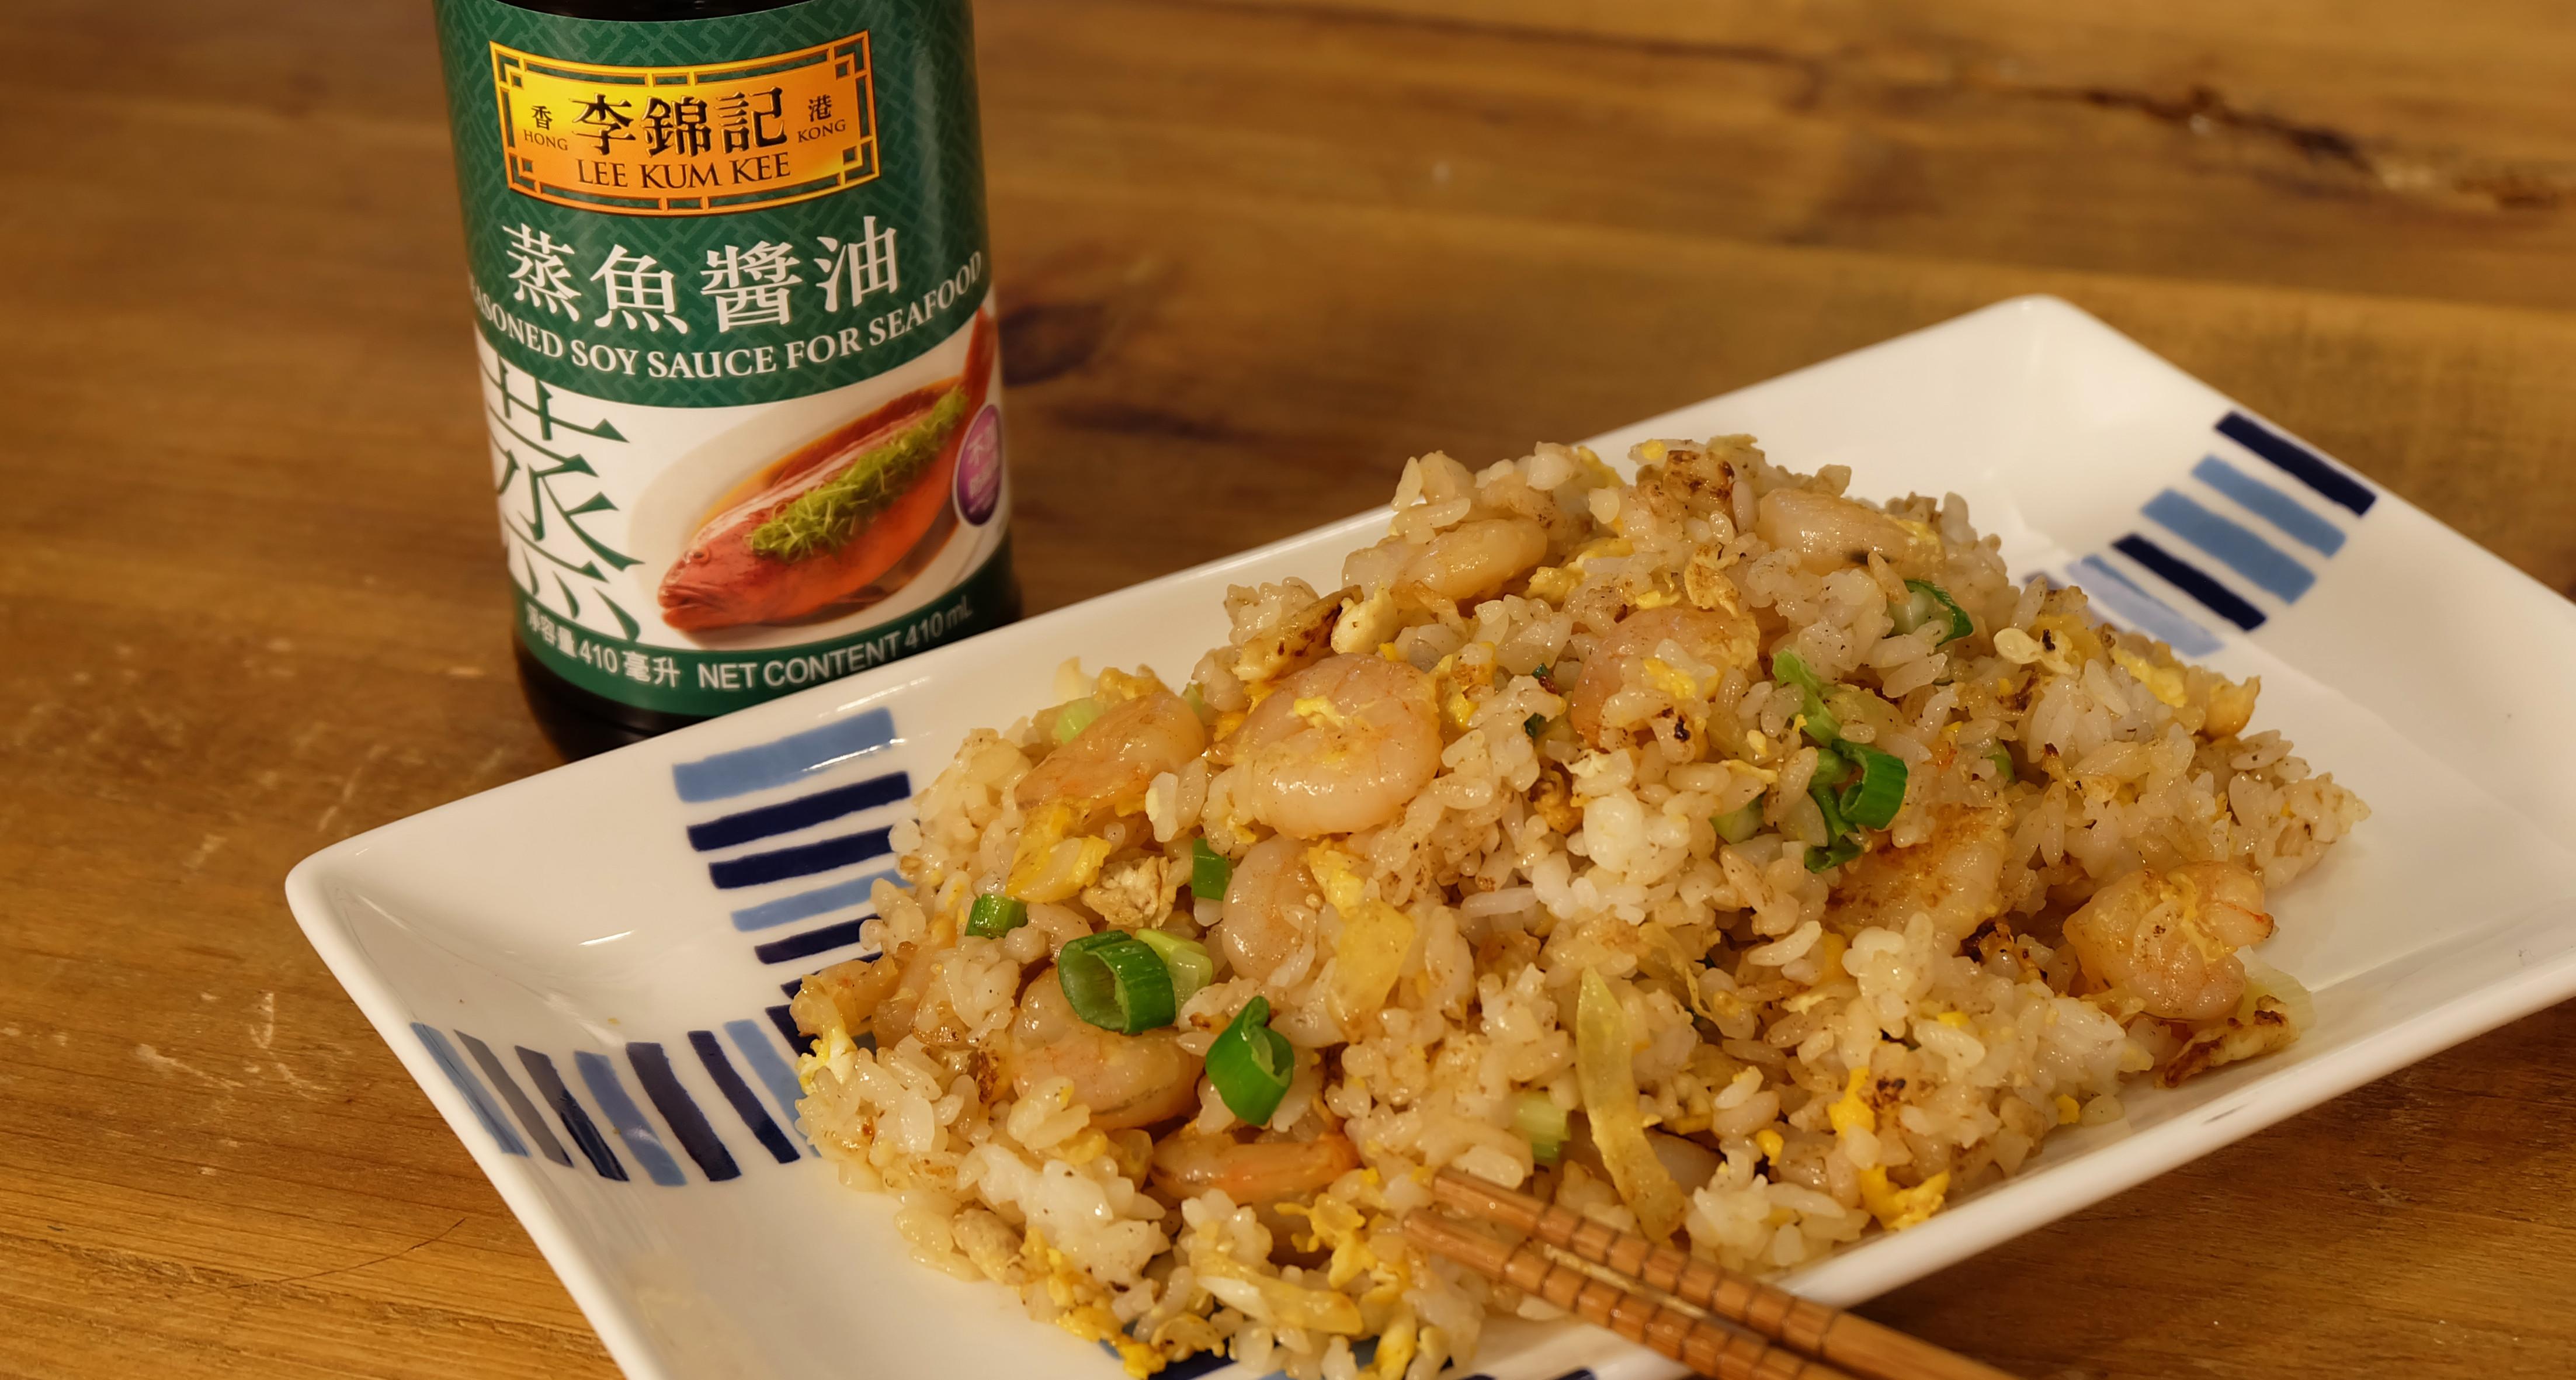 蒸魚醬油-西式蝦仁炒飯 【簡易料理】